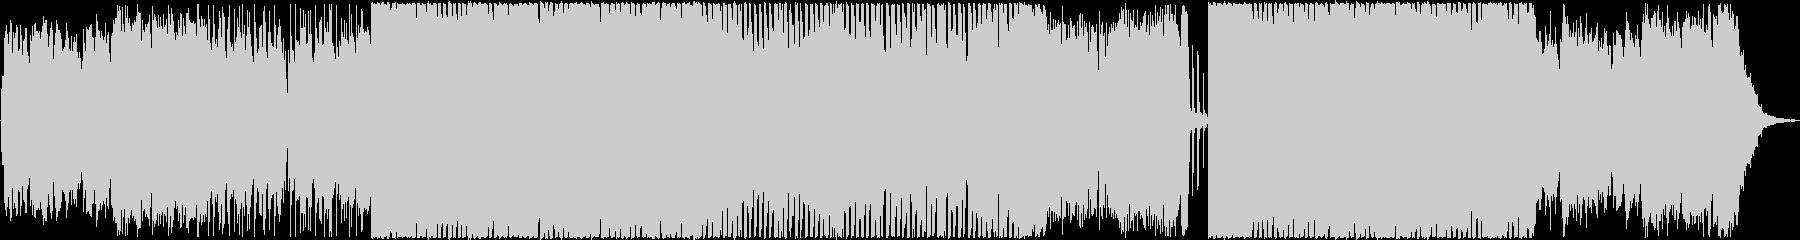 ケルト音楽 民族音楽風の未再生の波形